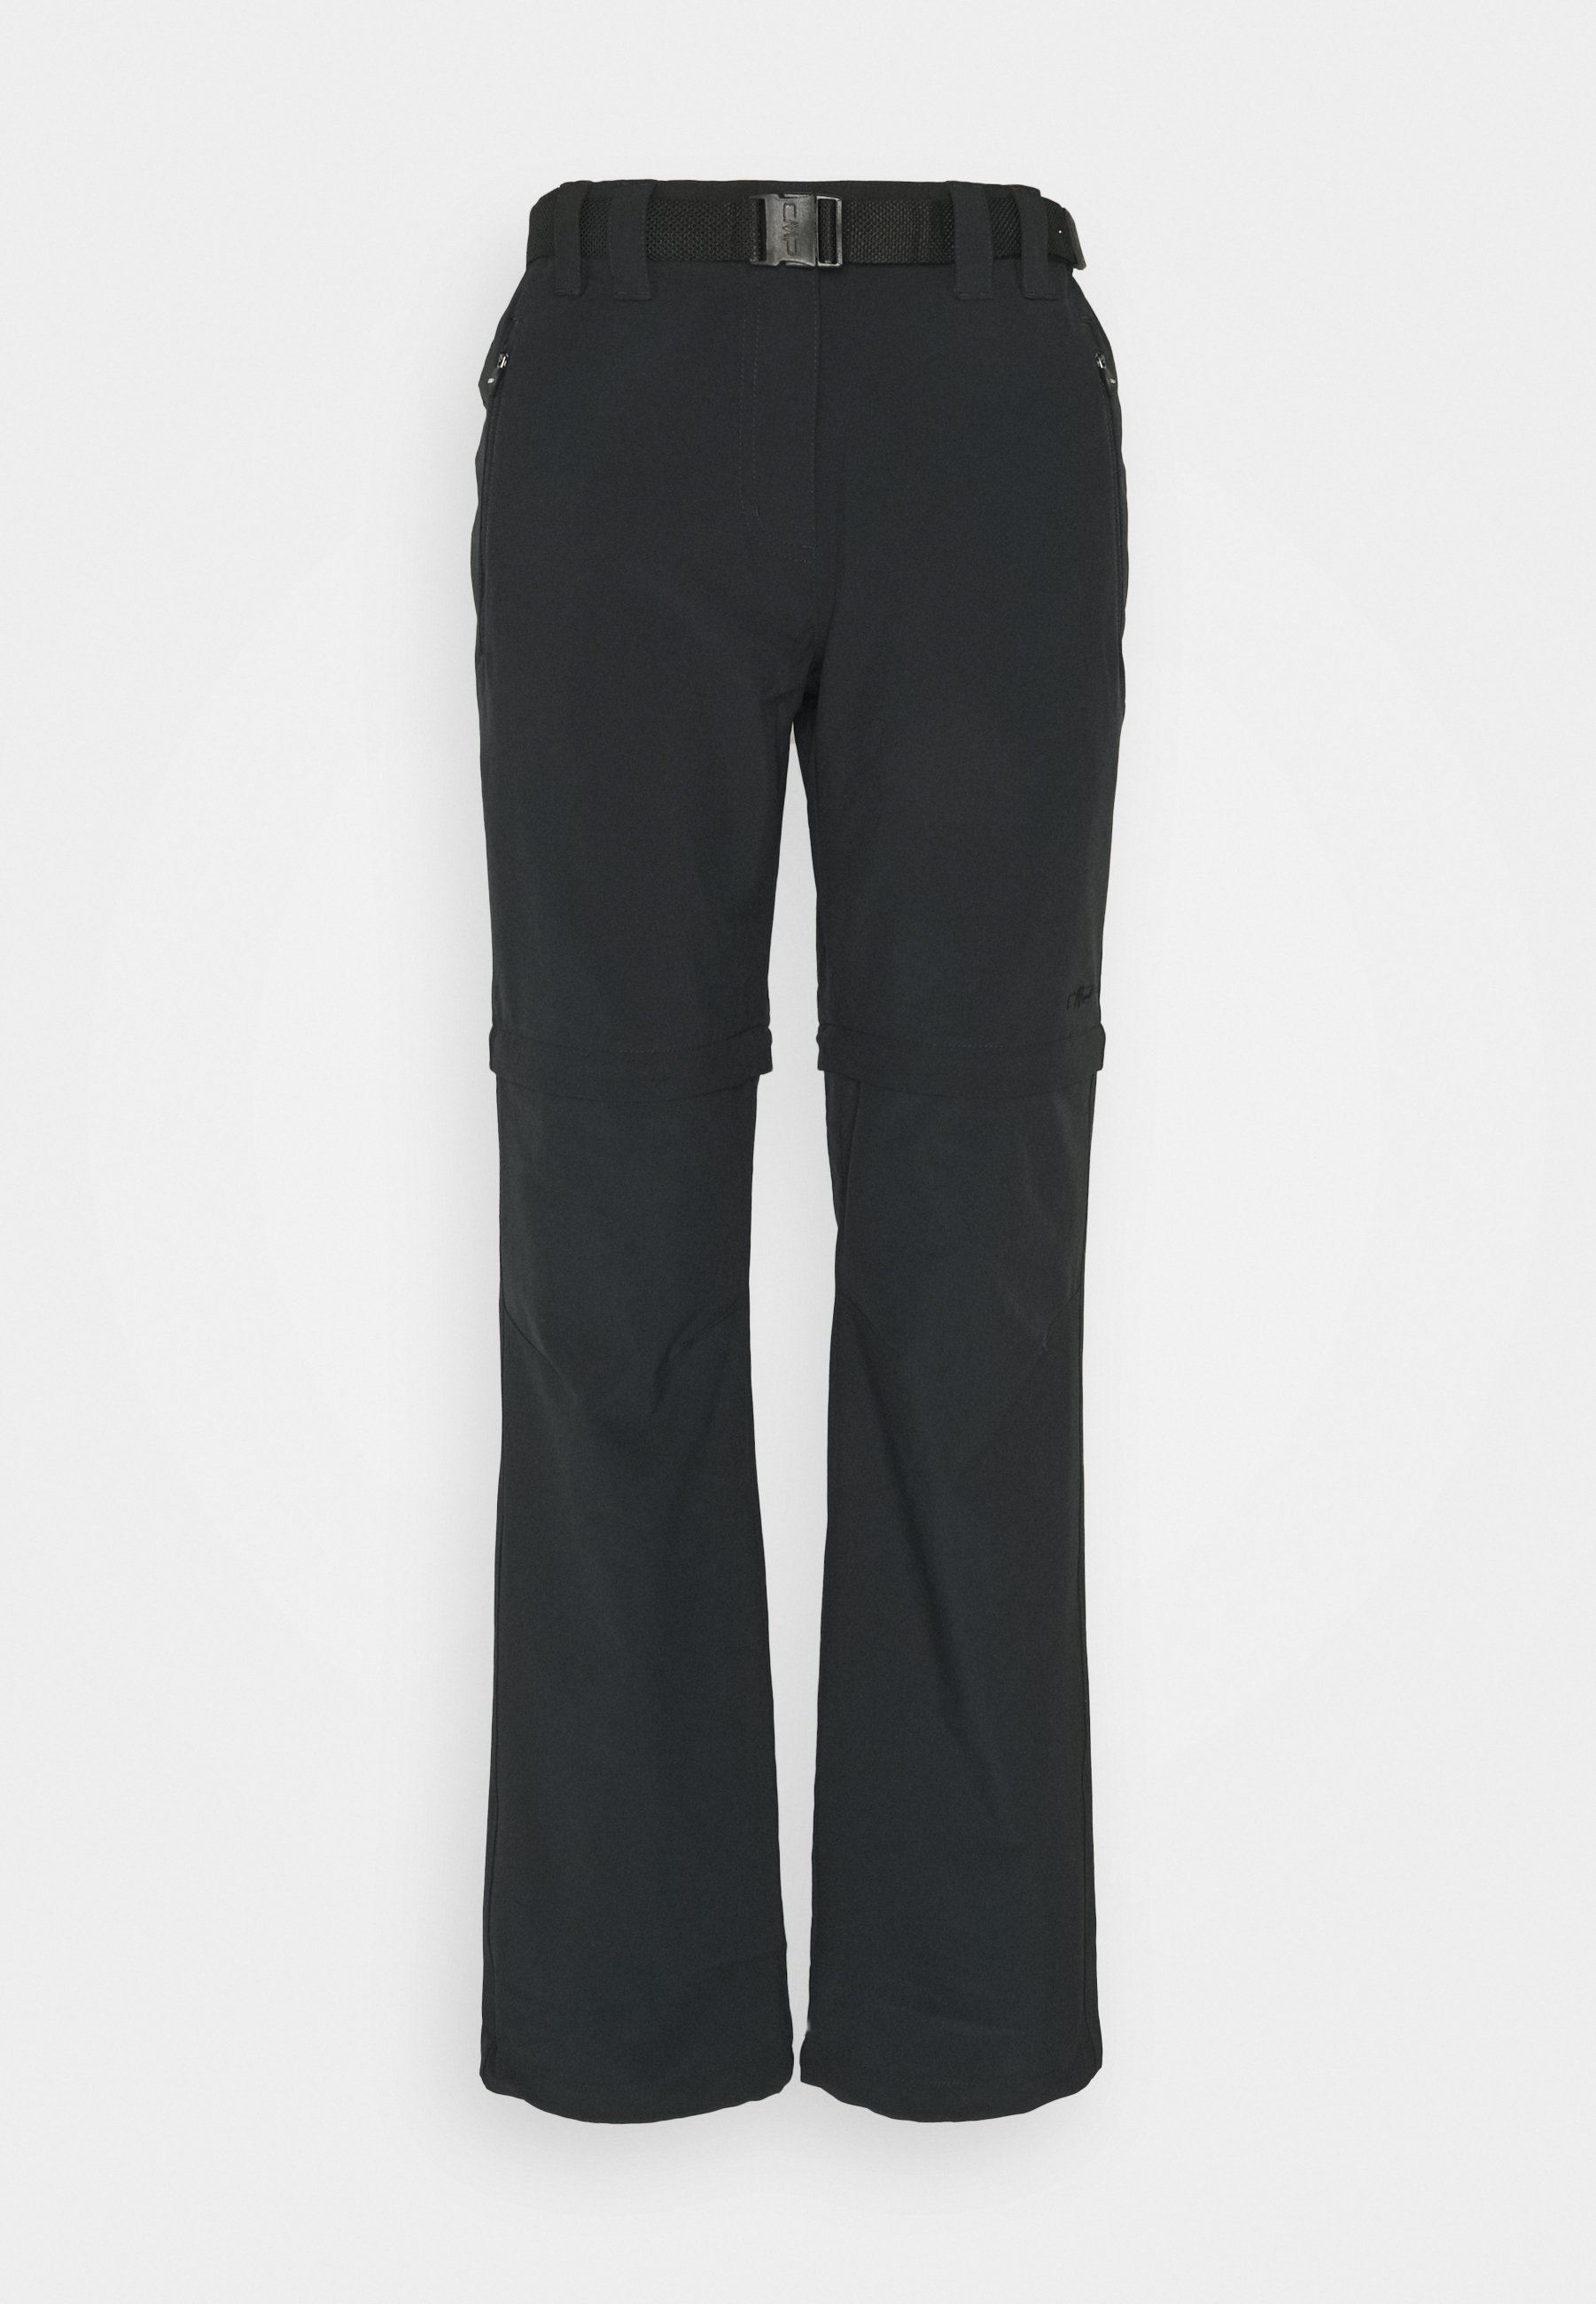 Femme WOMAN ZIP OFF PANT - Pantalon classique